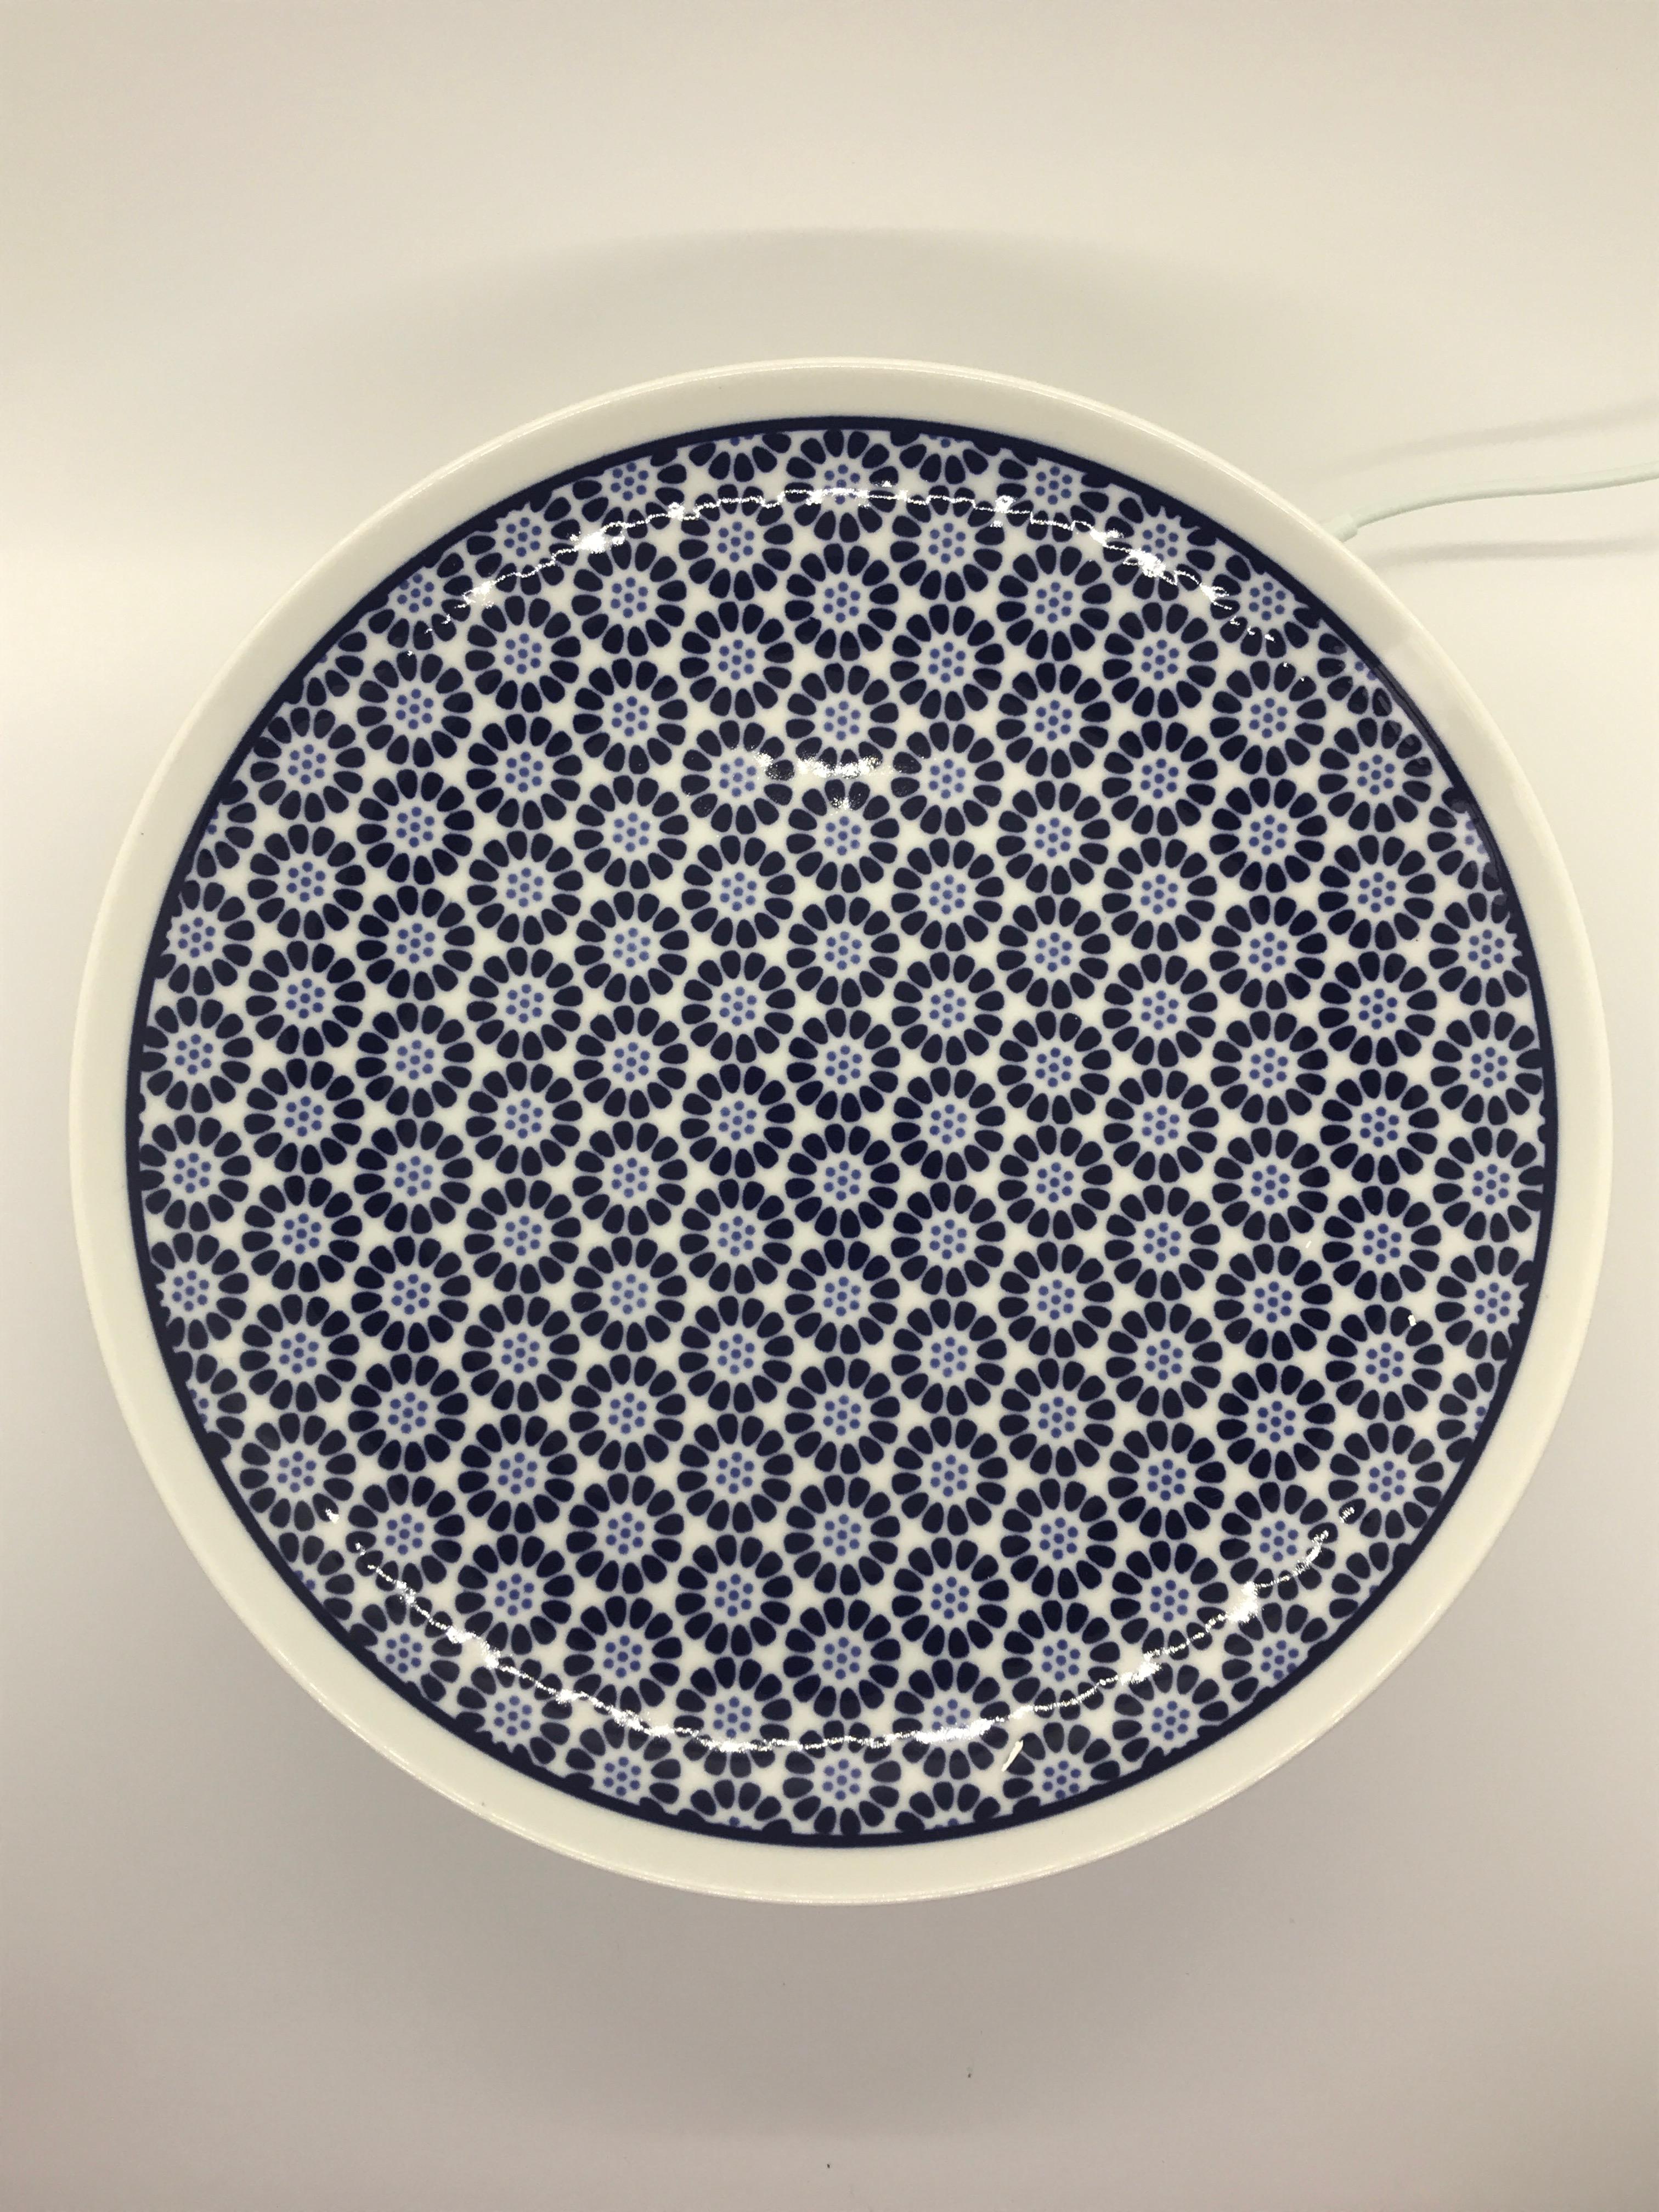 KIHARA Komon Large dish with small chrysanthemum design